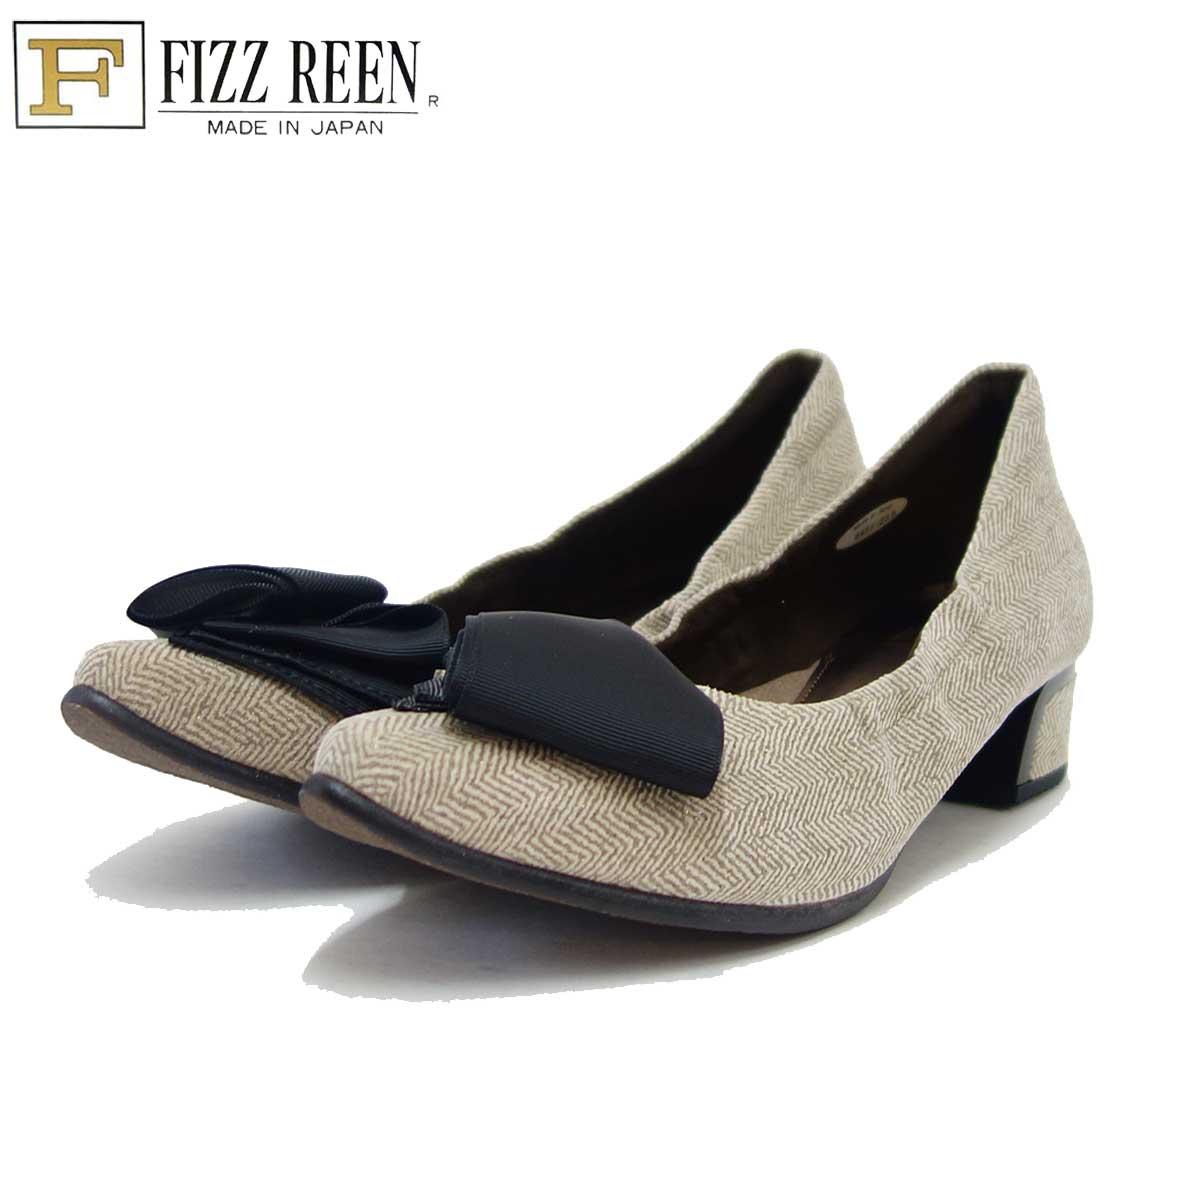 フィズリーン FIZZ REEN 6451 ベージュスエード(レディース)快適EEEのローヒールパンプス(日本製)「靴」